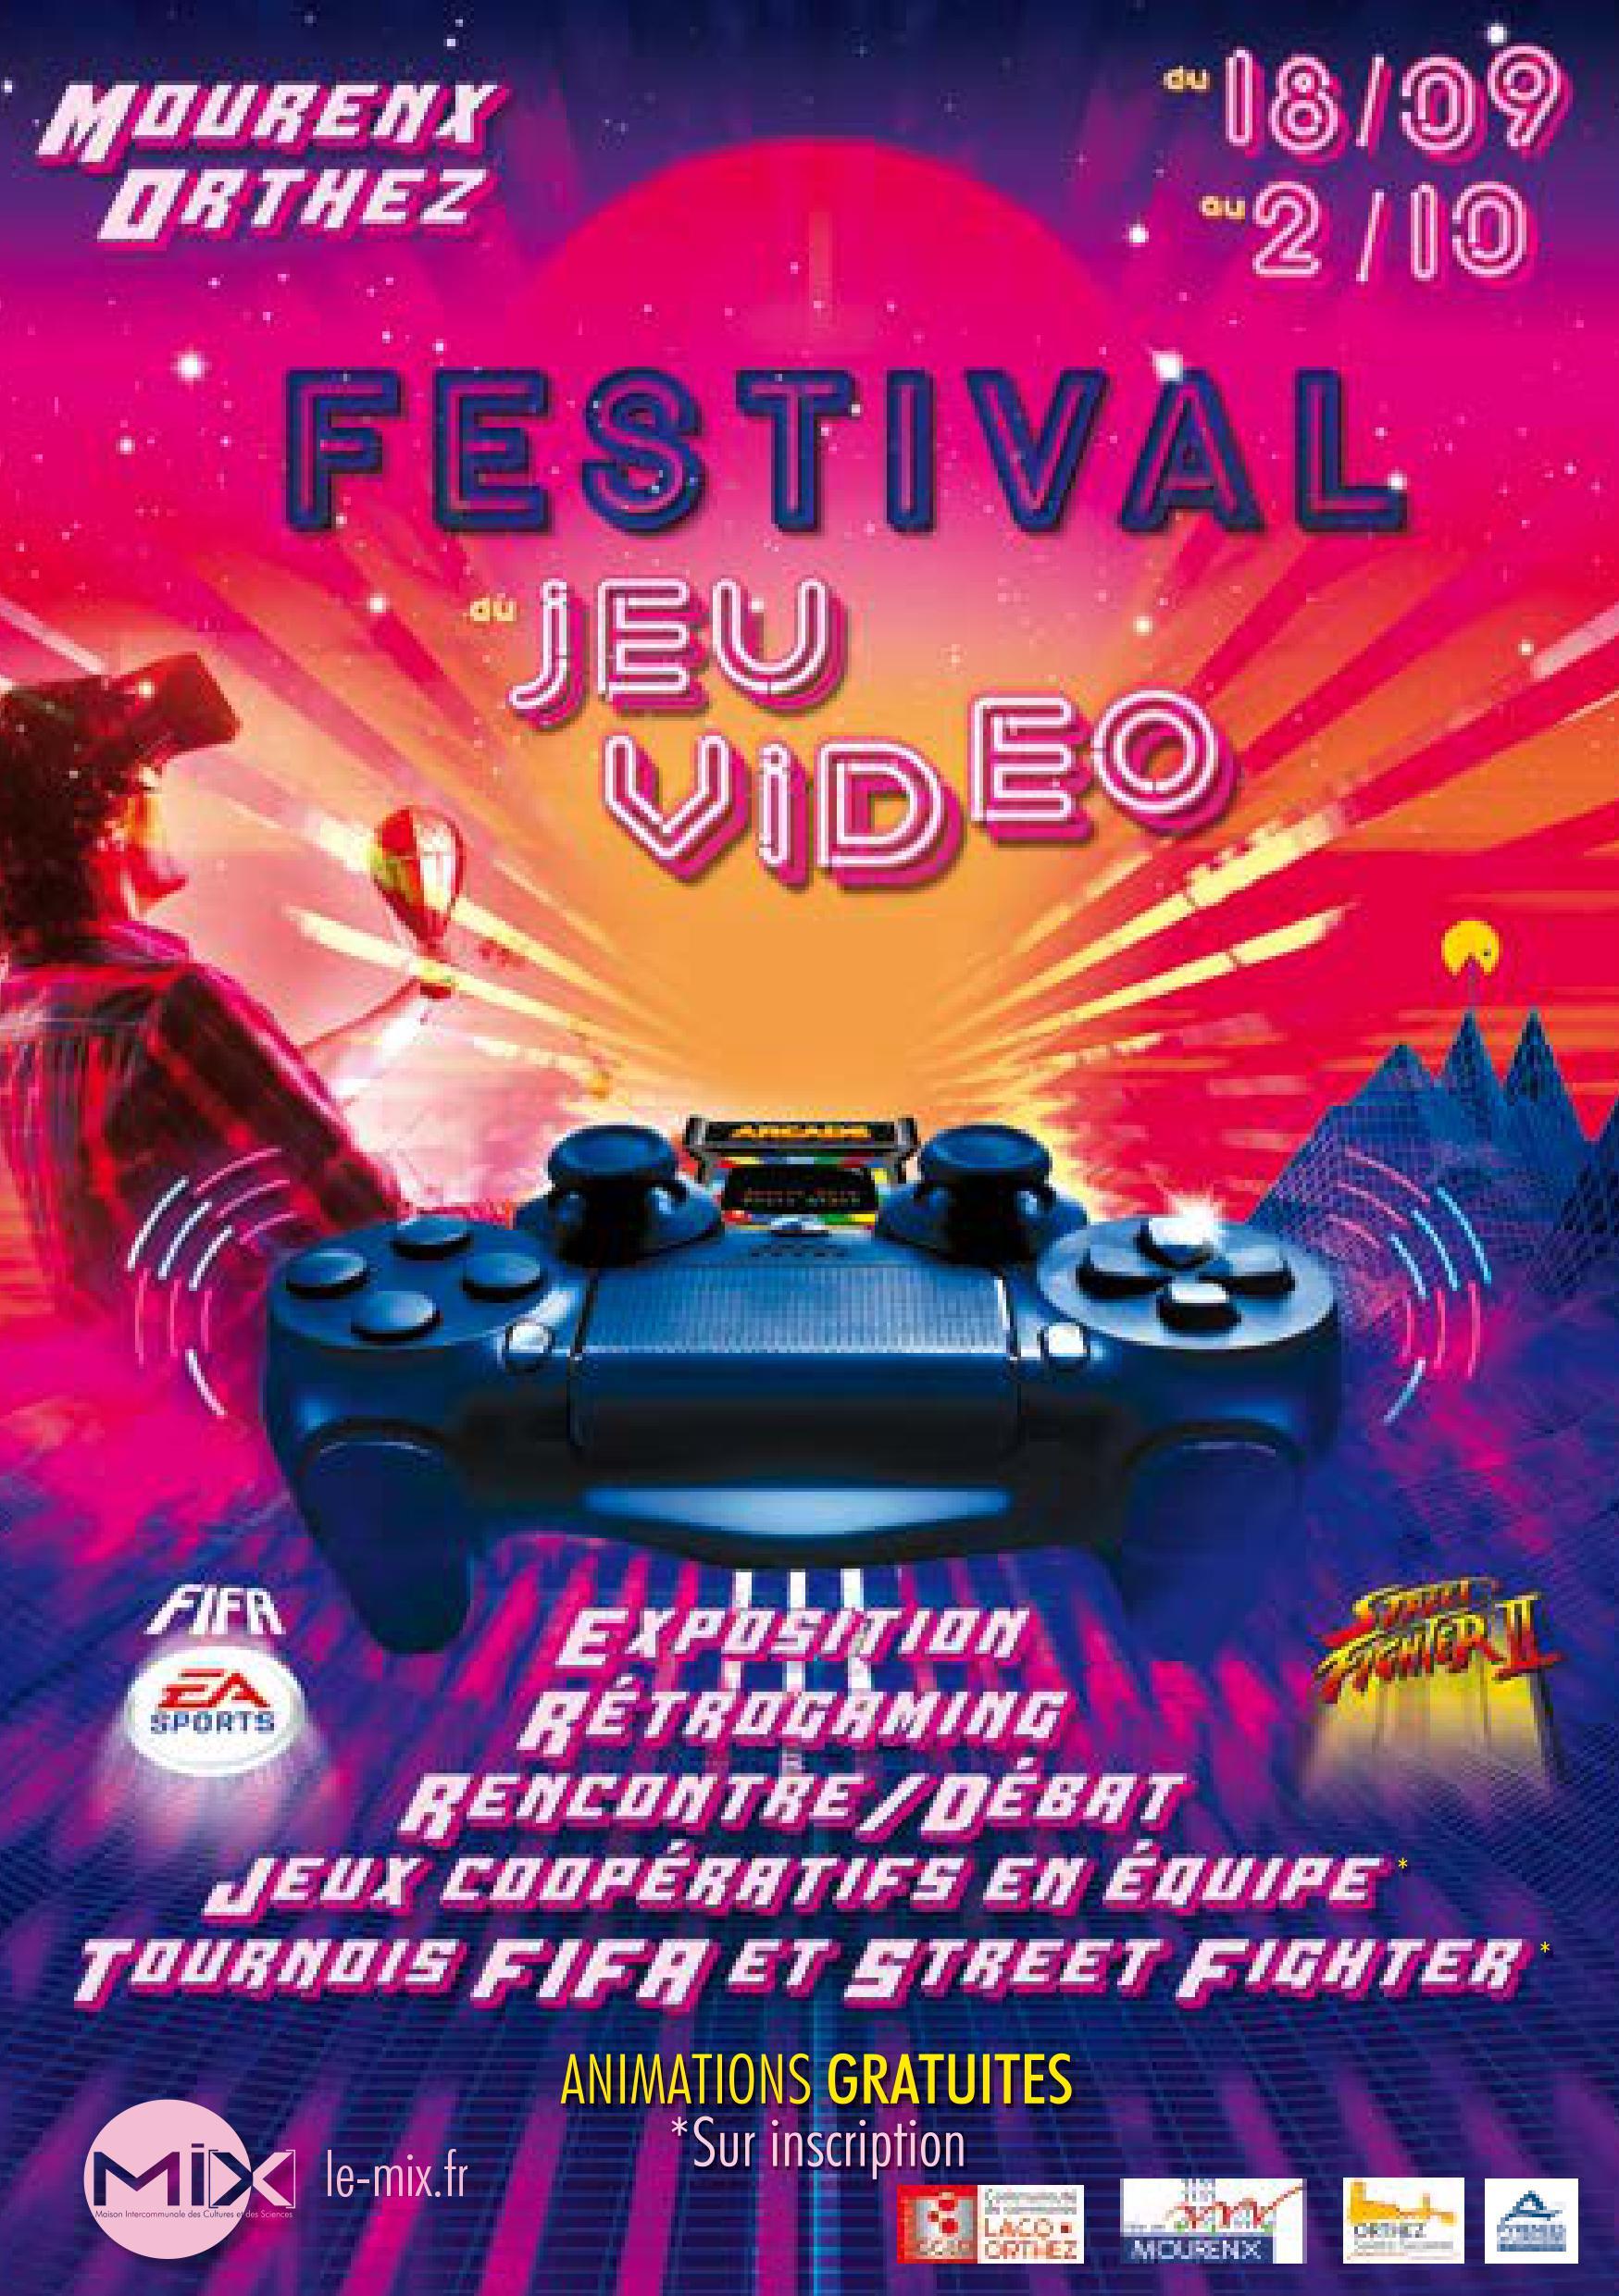 Festival du jeu vidéo 2019